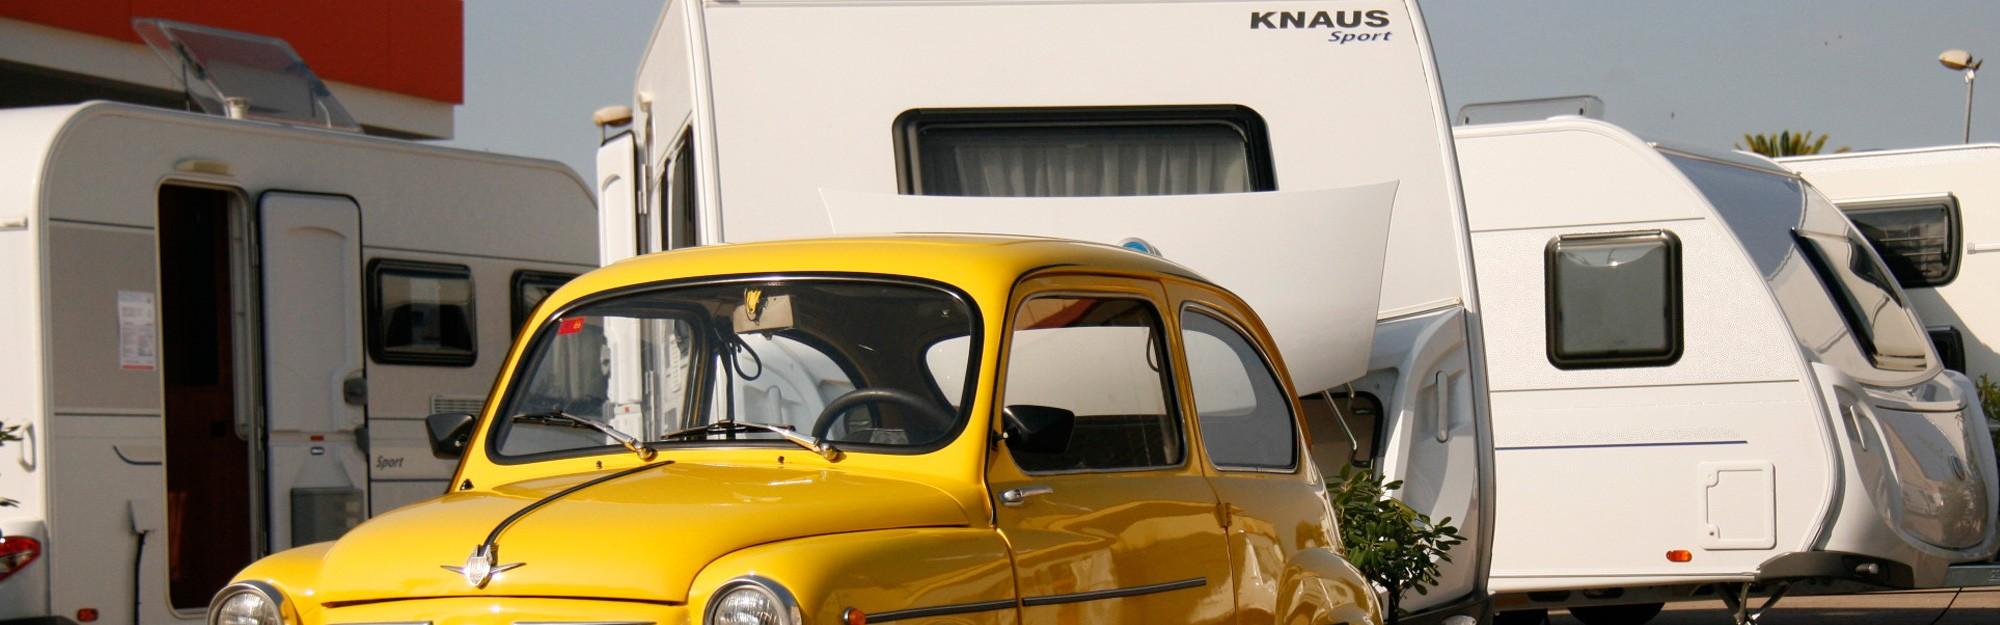 Caravana Knaus en exposición